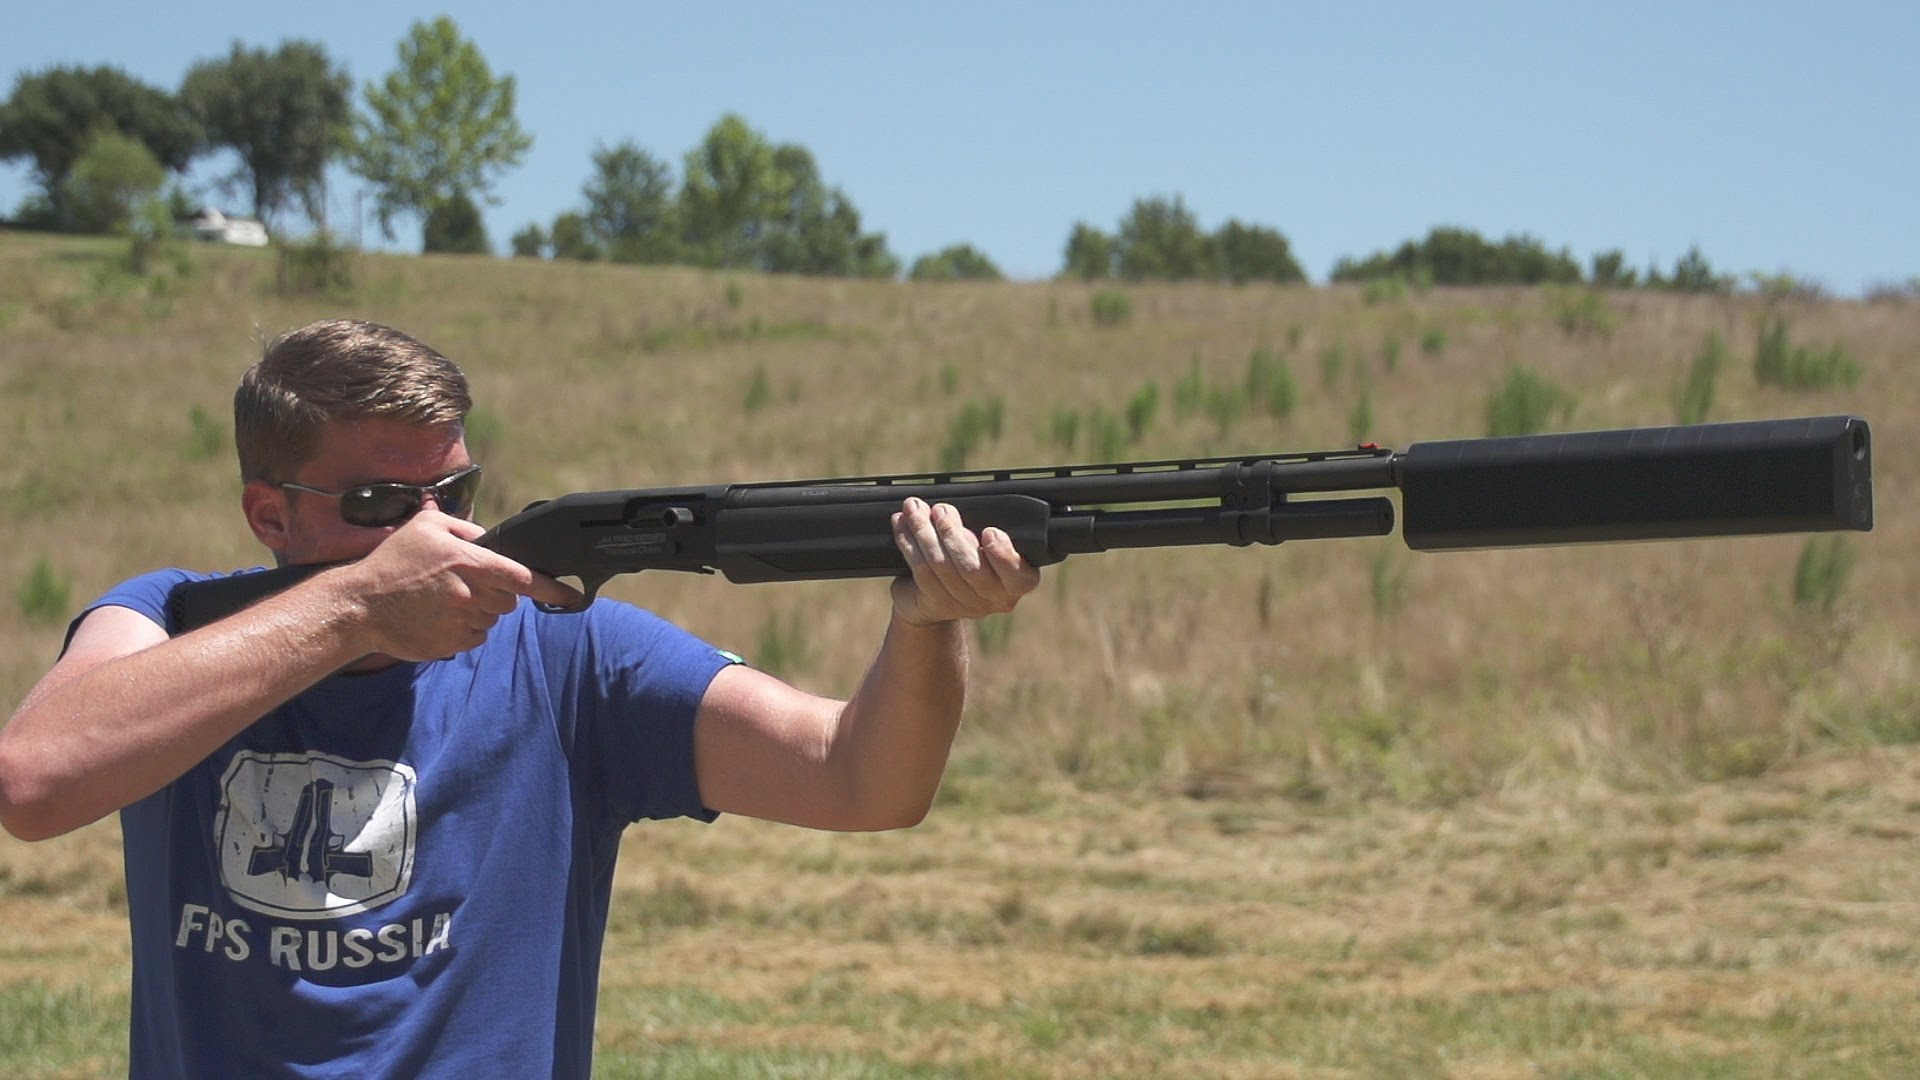 SilencerCo Salvo 12 Shotgun Suppressor